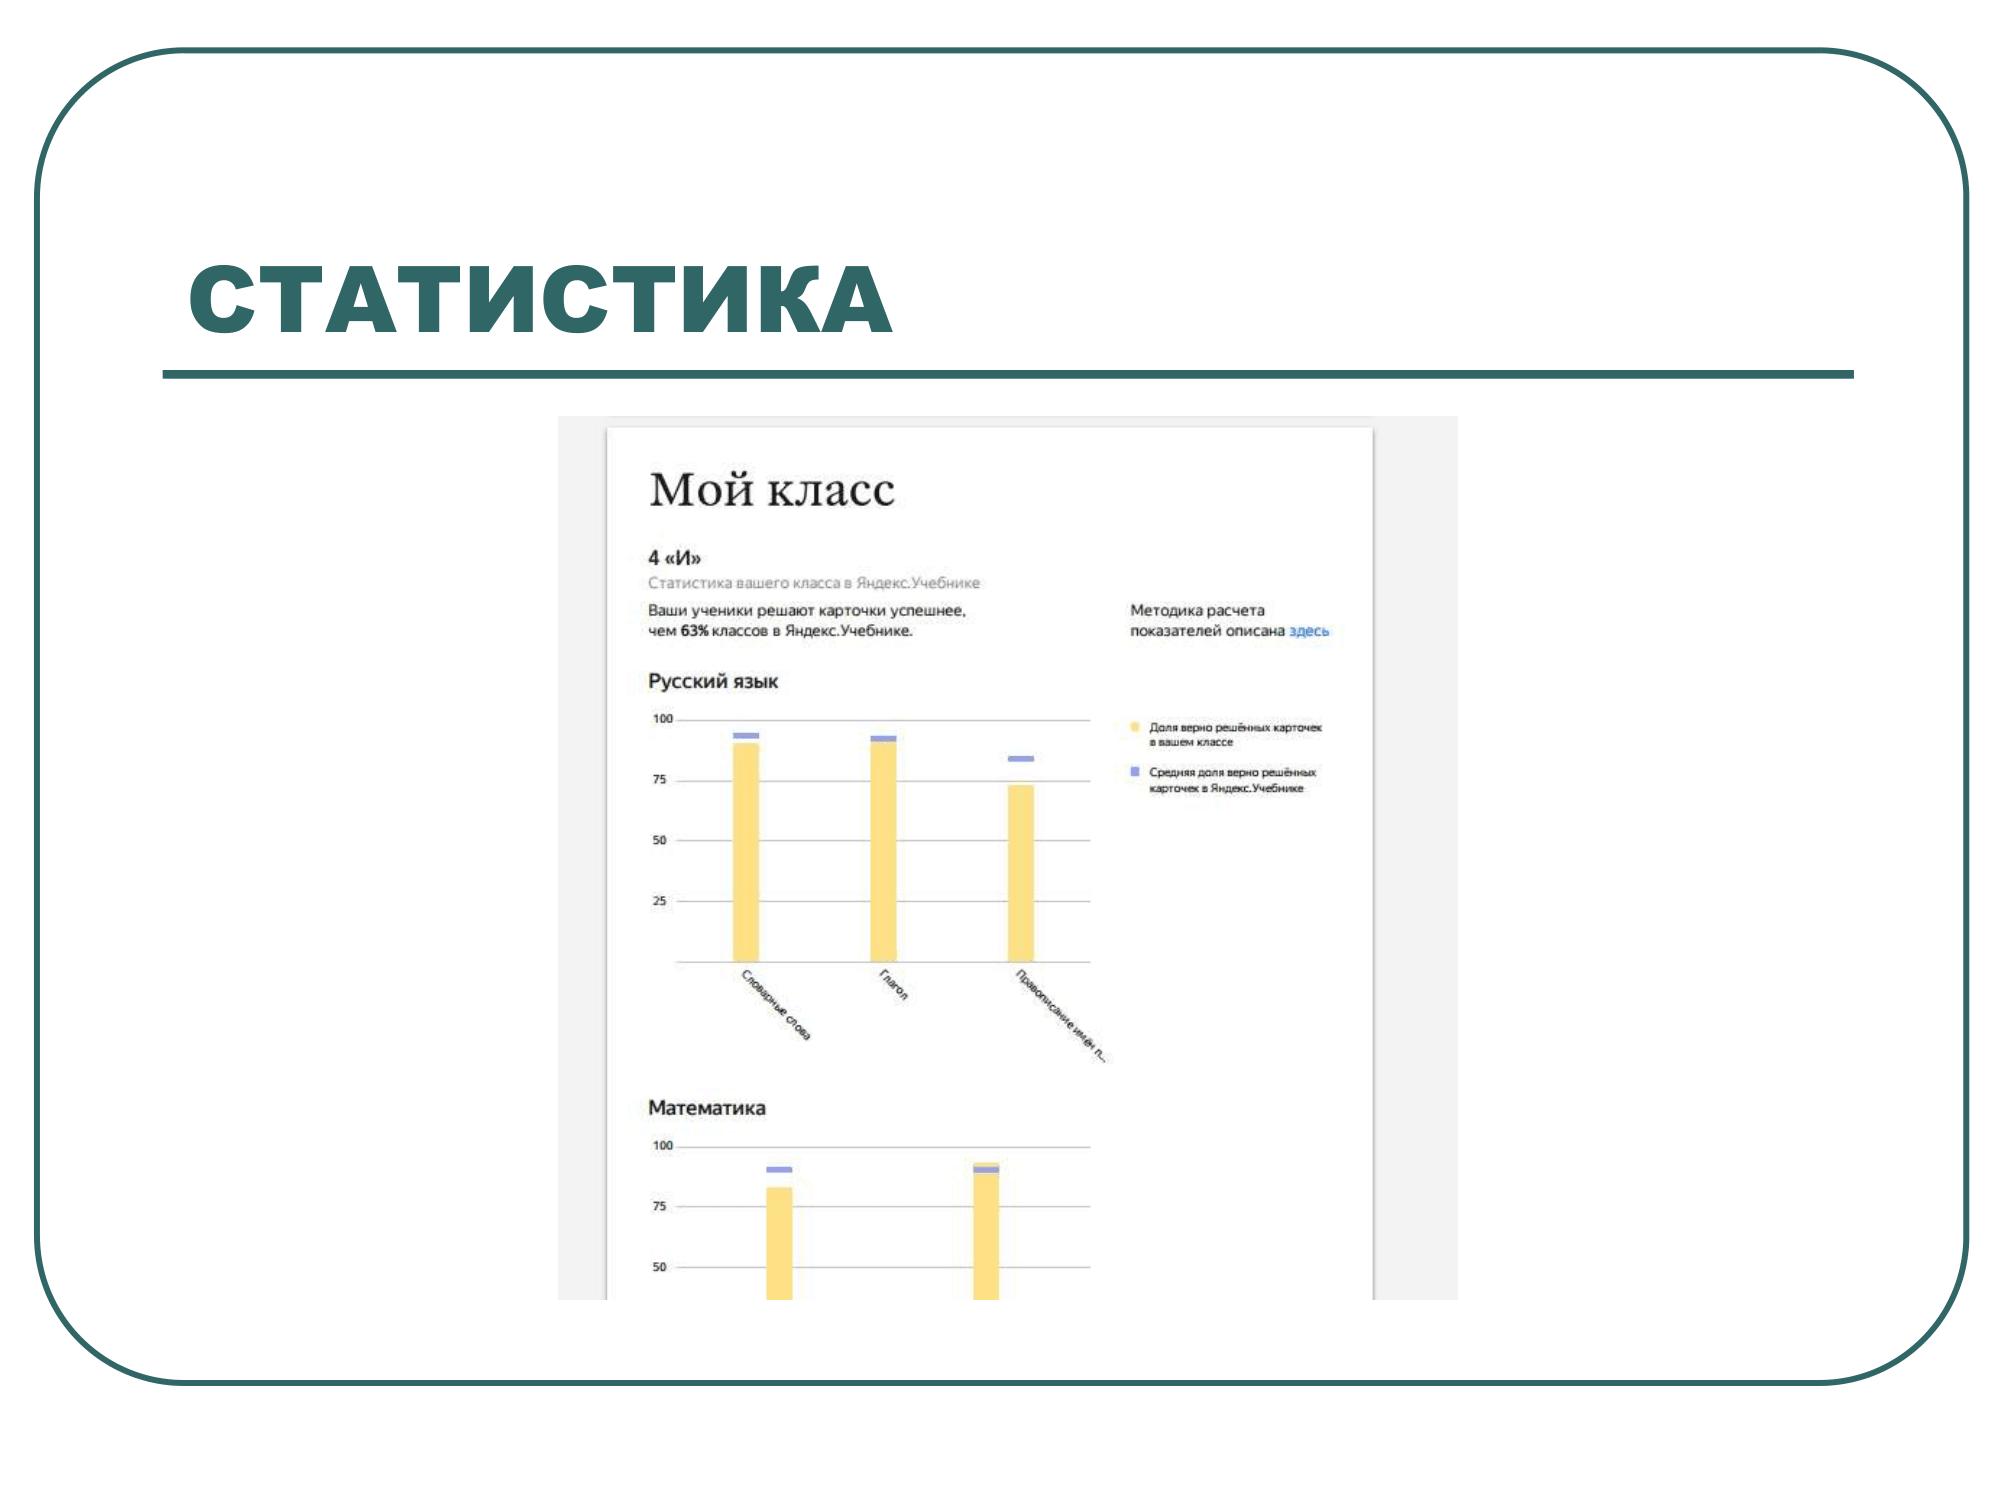 яндекс учебник. Презентация к докладу Васильченко Т.В._0019